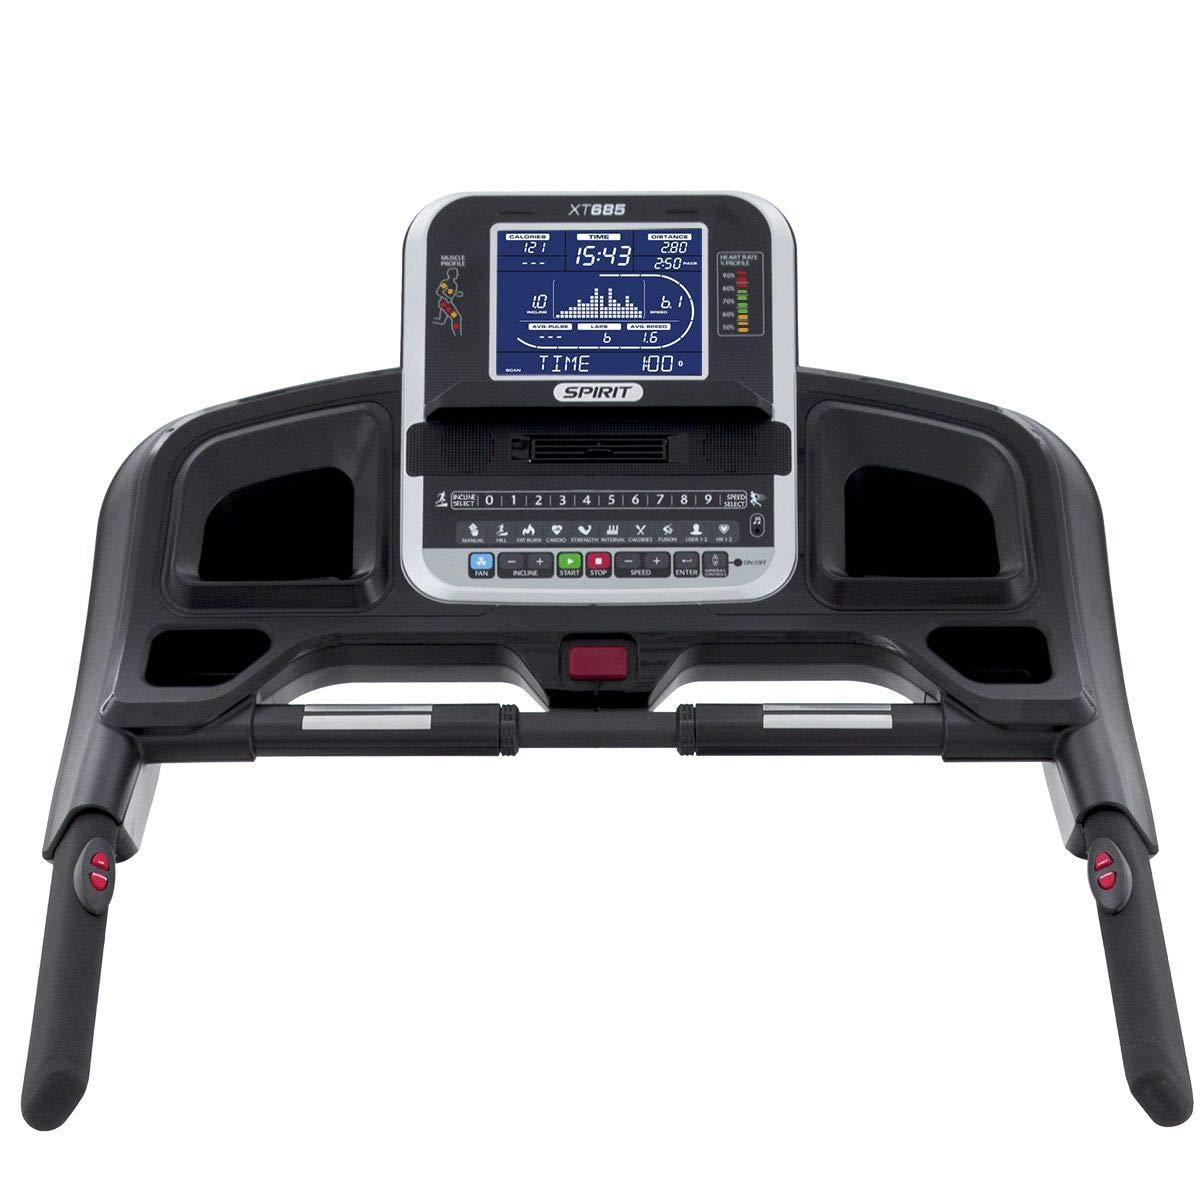 Cinta de correr XT685 Spirit Fitness: Amazon.es: Deportes y ...